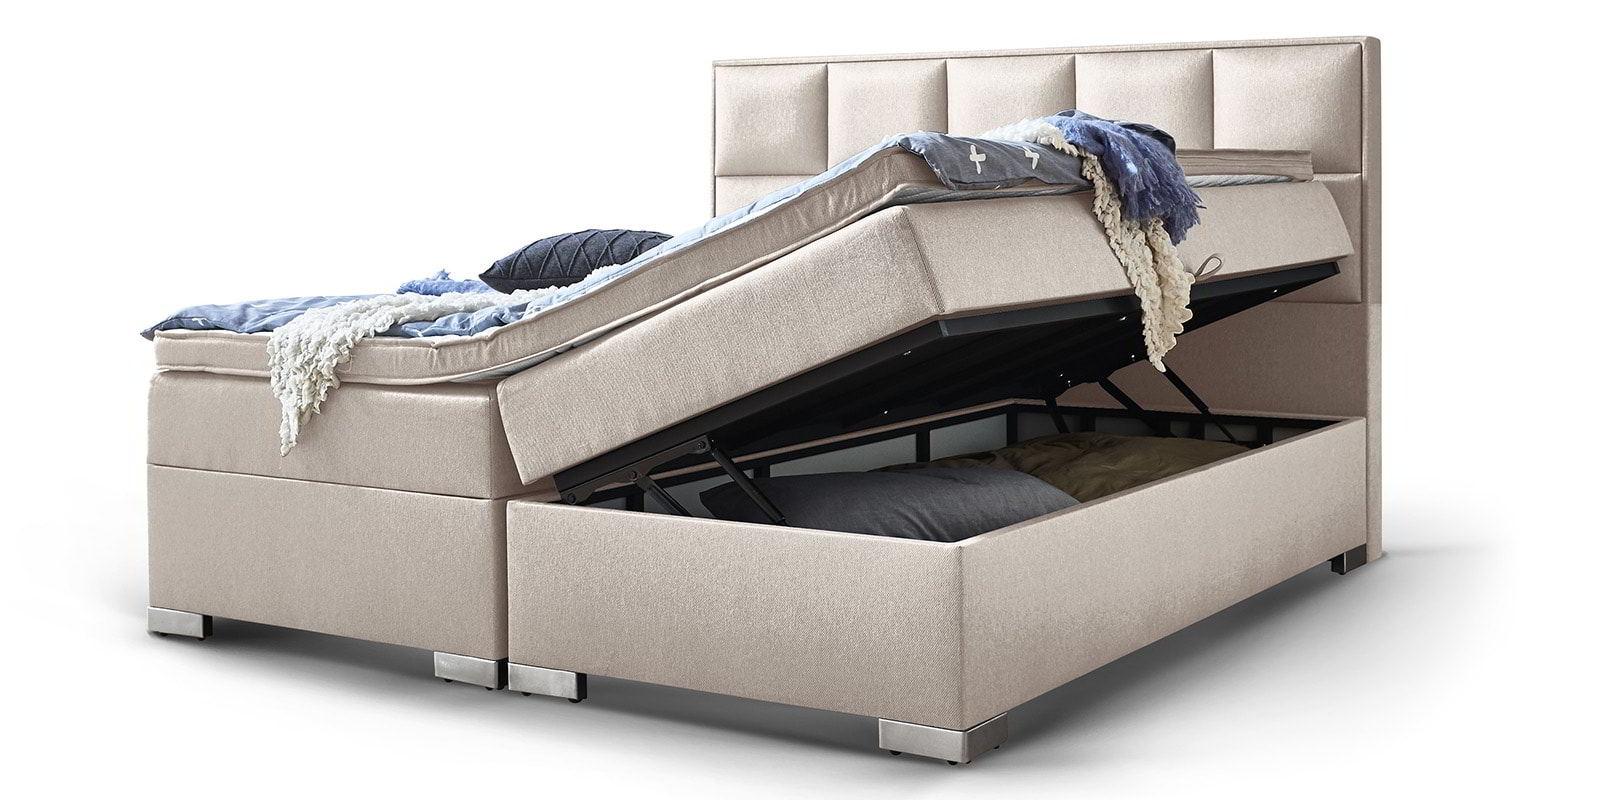 Boxspringbett Arizona Mit Bettkasten Stauraum In Altweiss Jetzt Günstig Kaufen Bei Moebella24